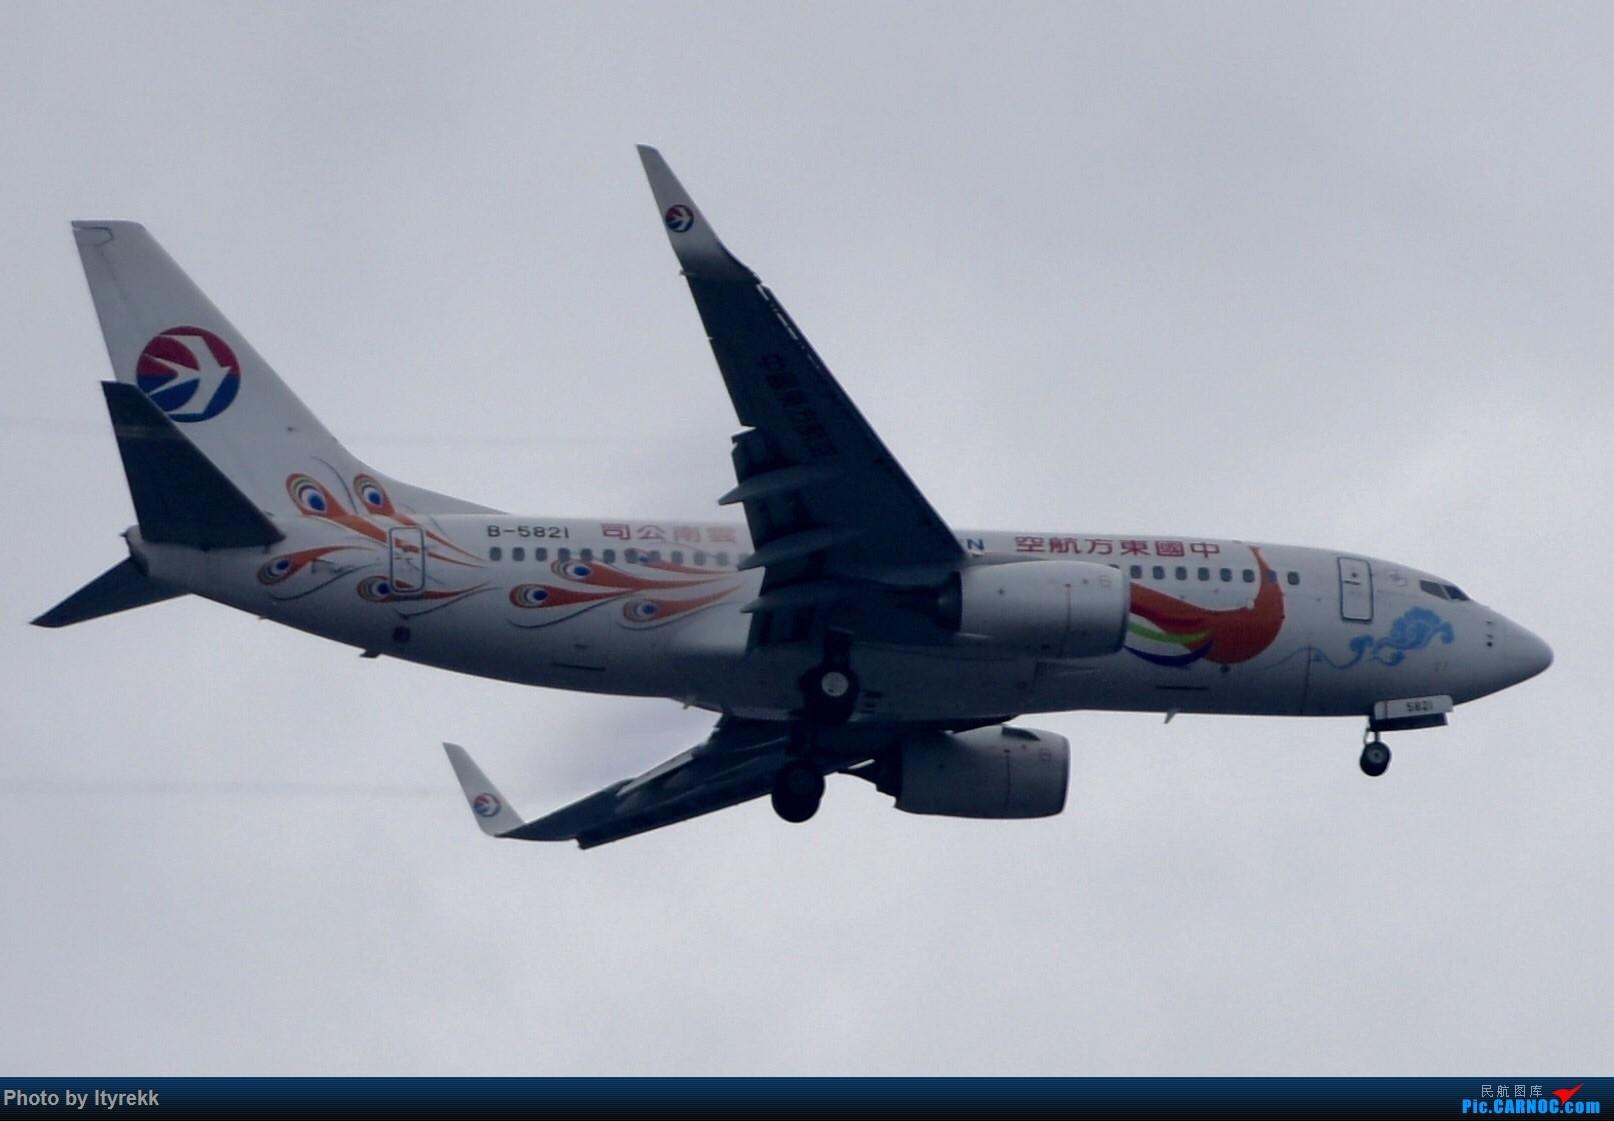 Re:[原创]6月的天气总是变化多端 BOEING 737-700 B-5821 中国芒市机场